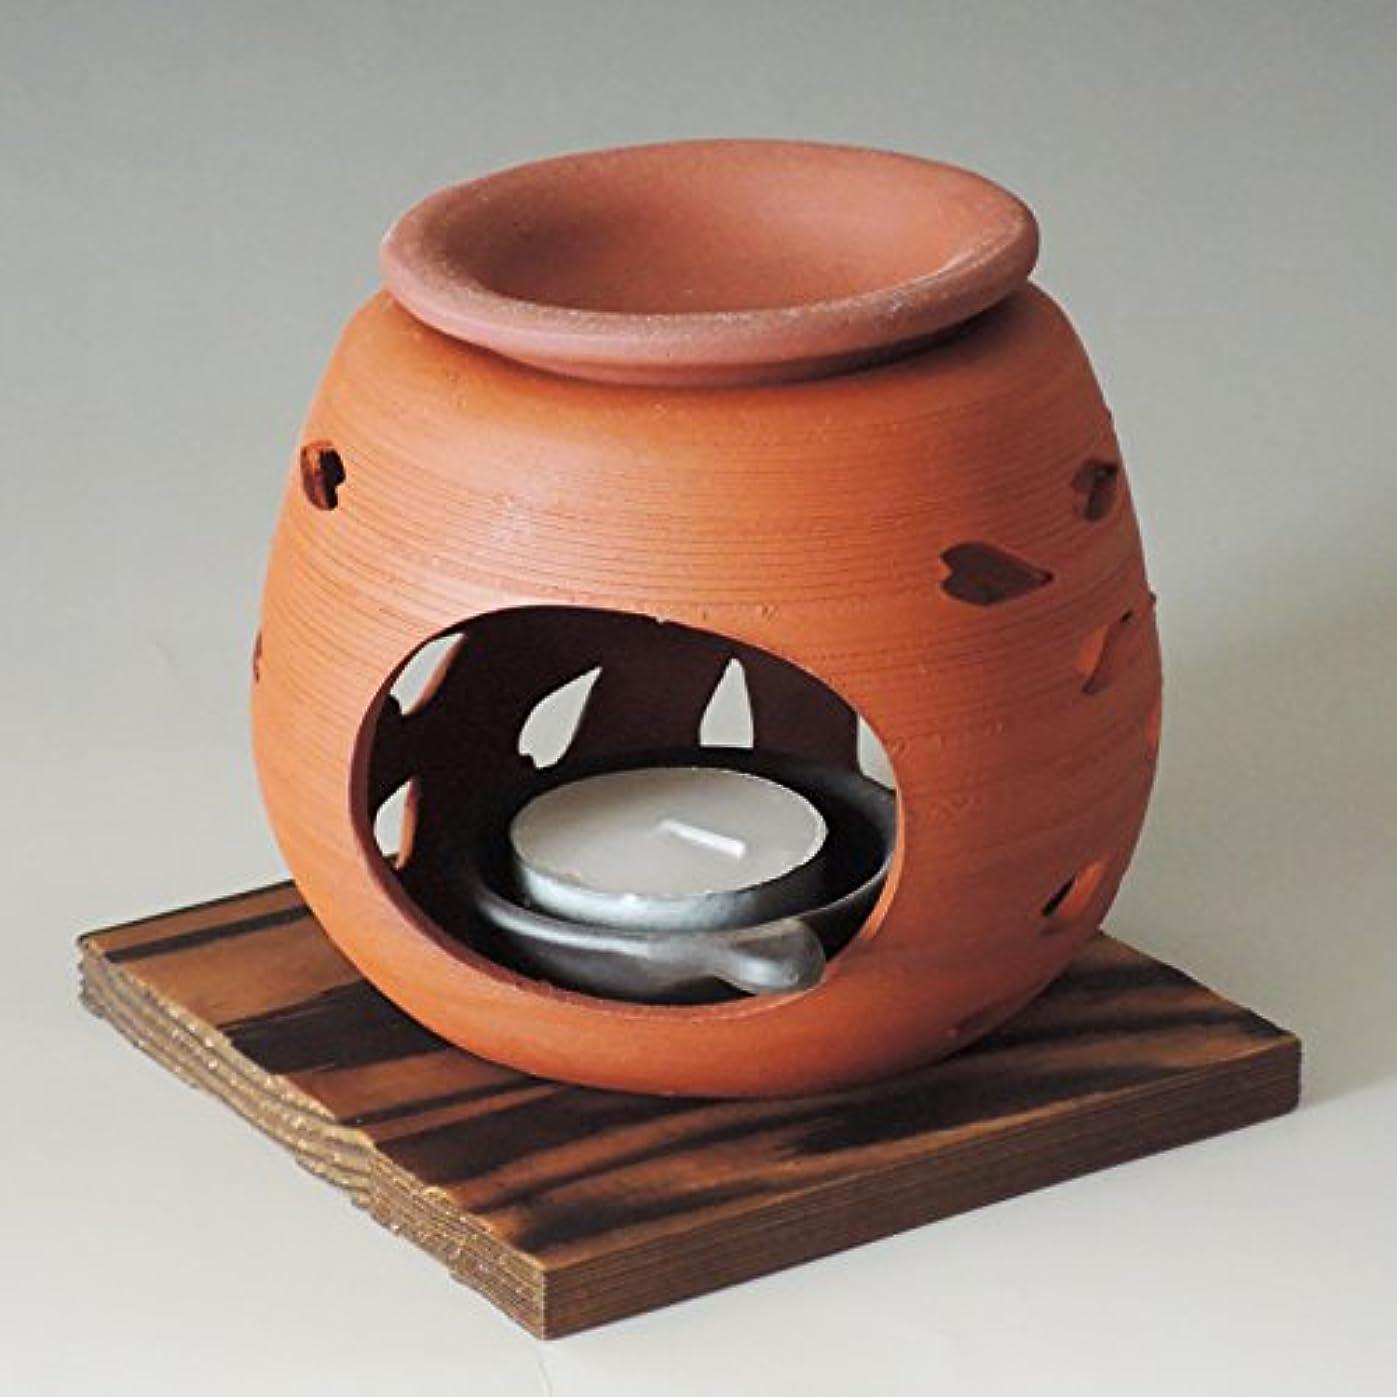 シエスタ詳細な商標茶香炉 常滑焼 石龍作「花びら」川本屋茶舗